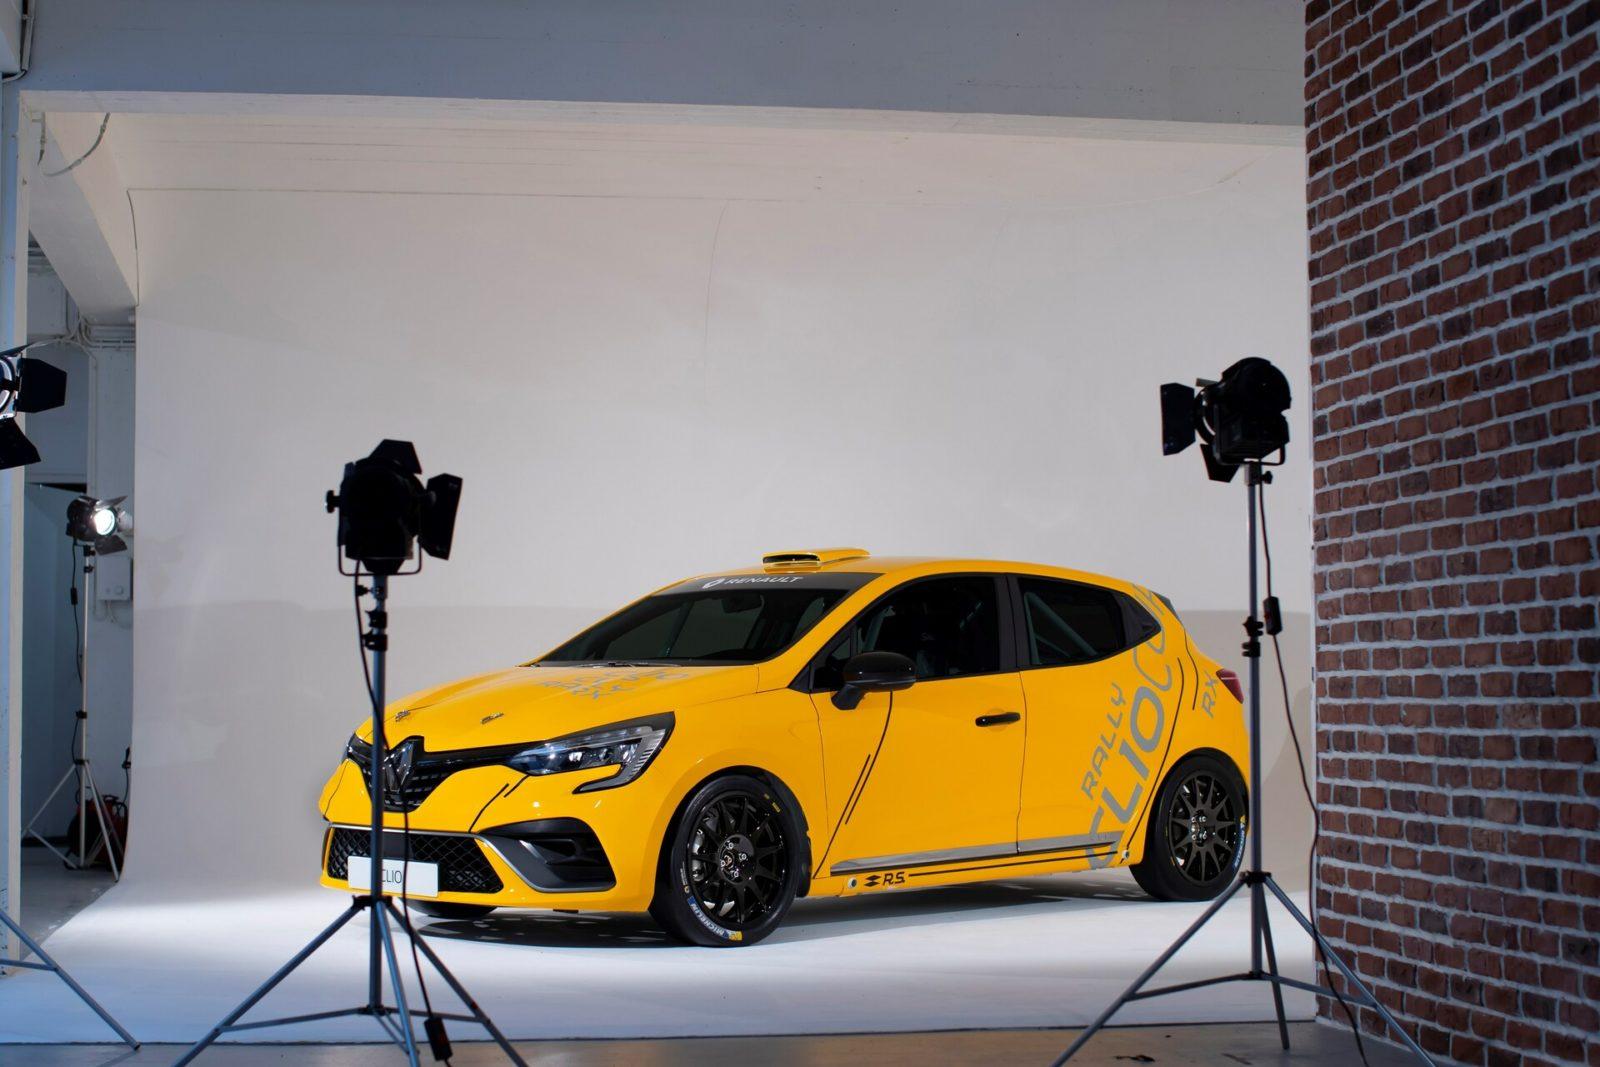 Los kits de conversión facilitan el cambio de configuración entre las 3 versiones del Renault Clio